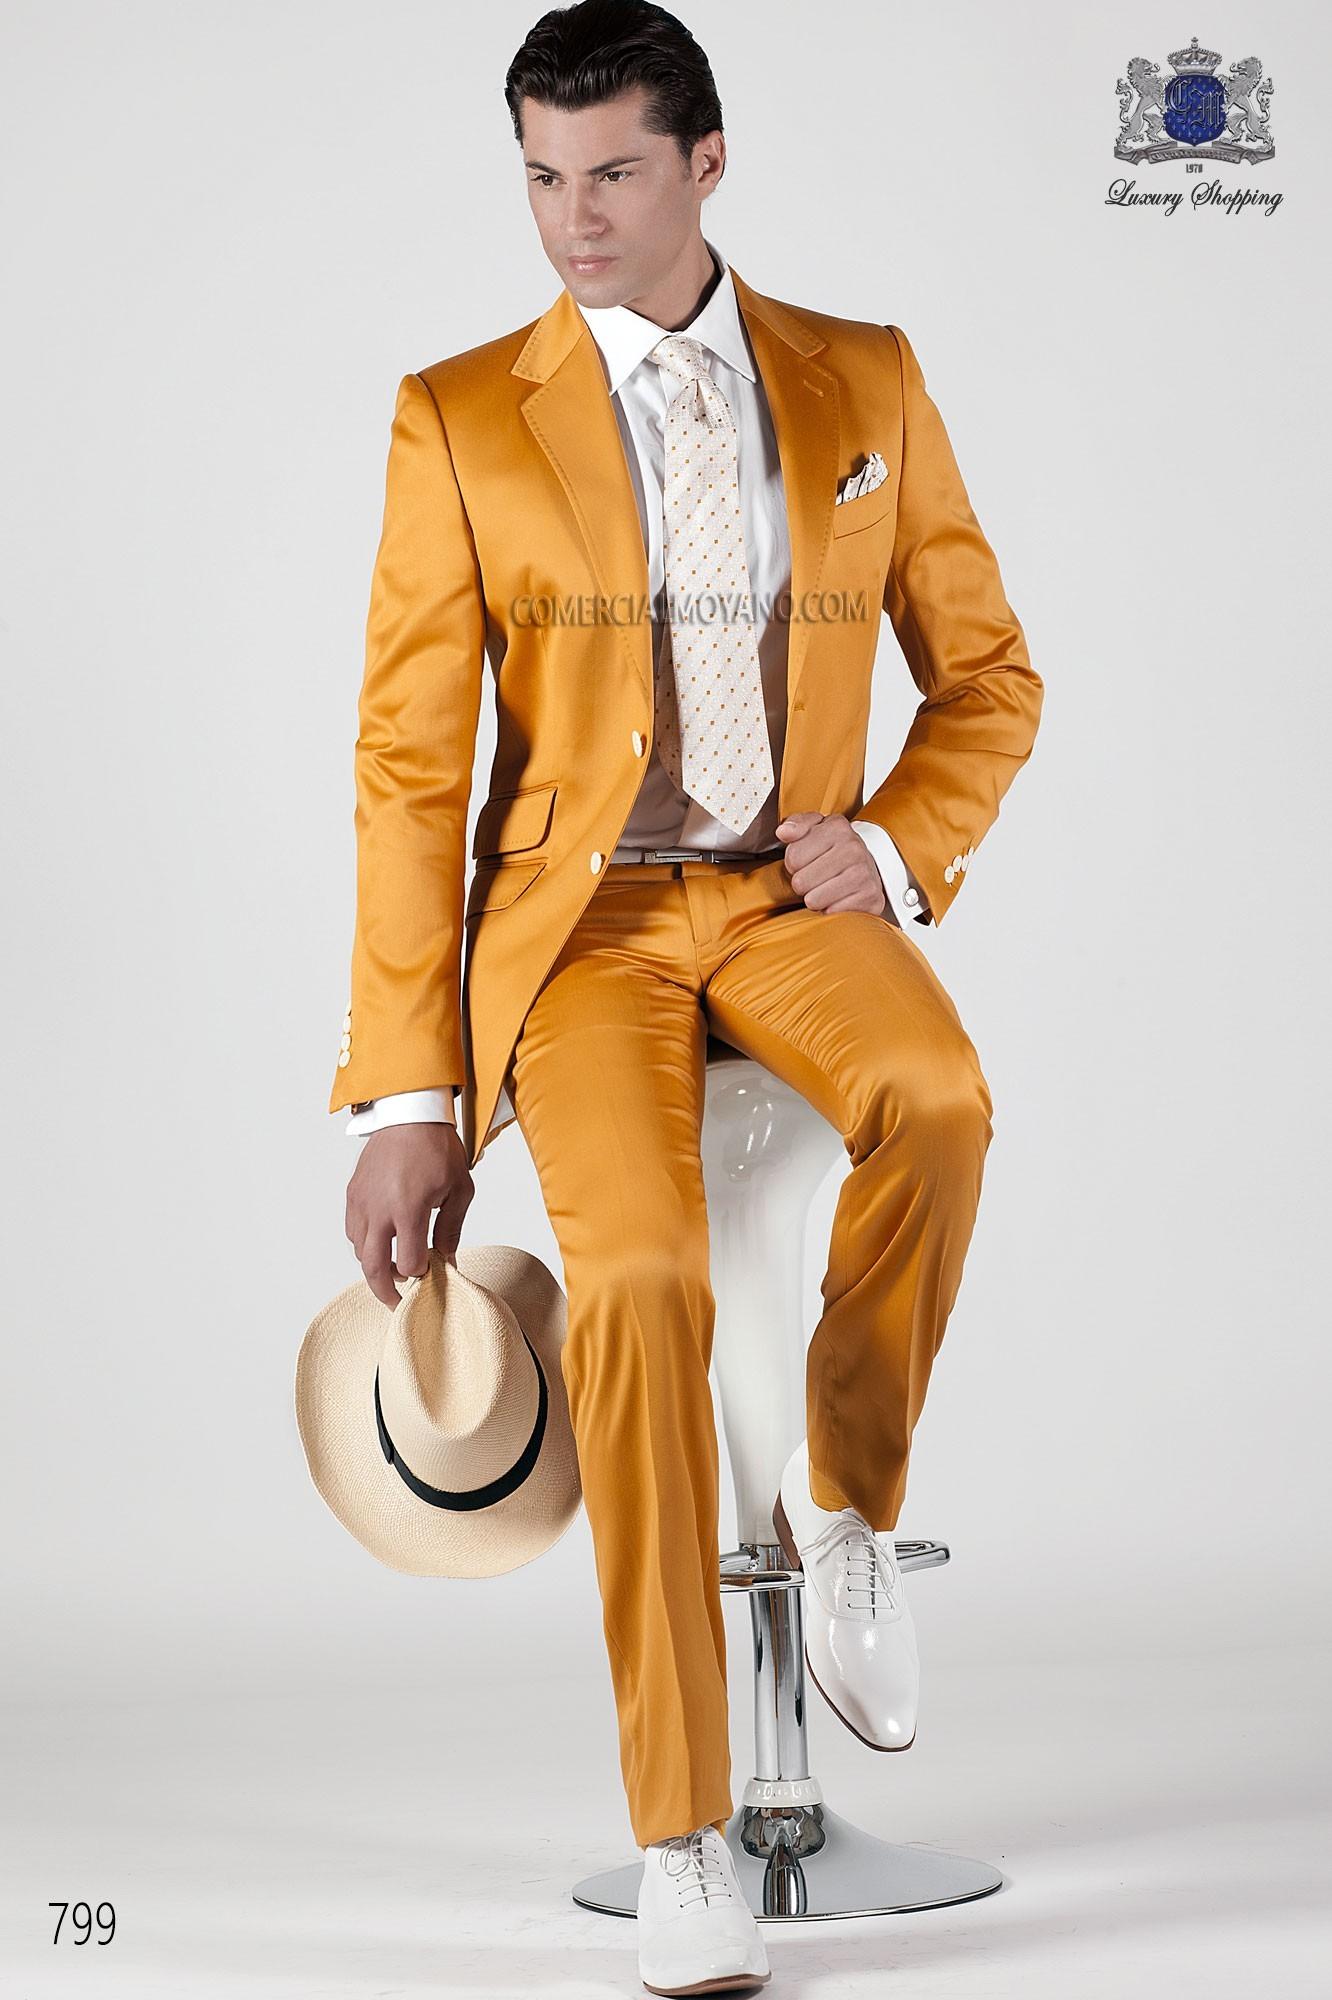 Traje de novio Hipster dorado modelo: 799 Ottavio Nuccio Gala colección Hipster